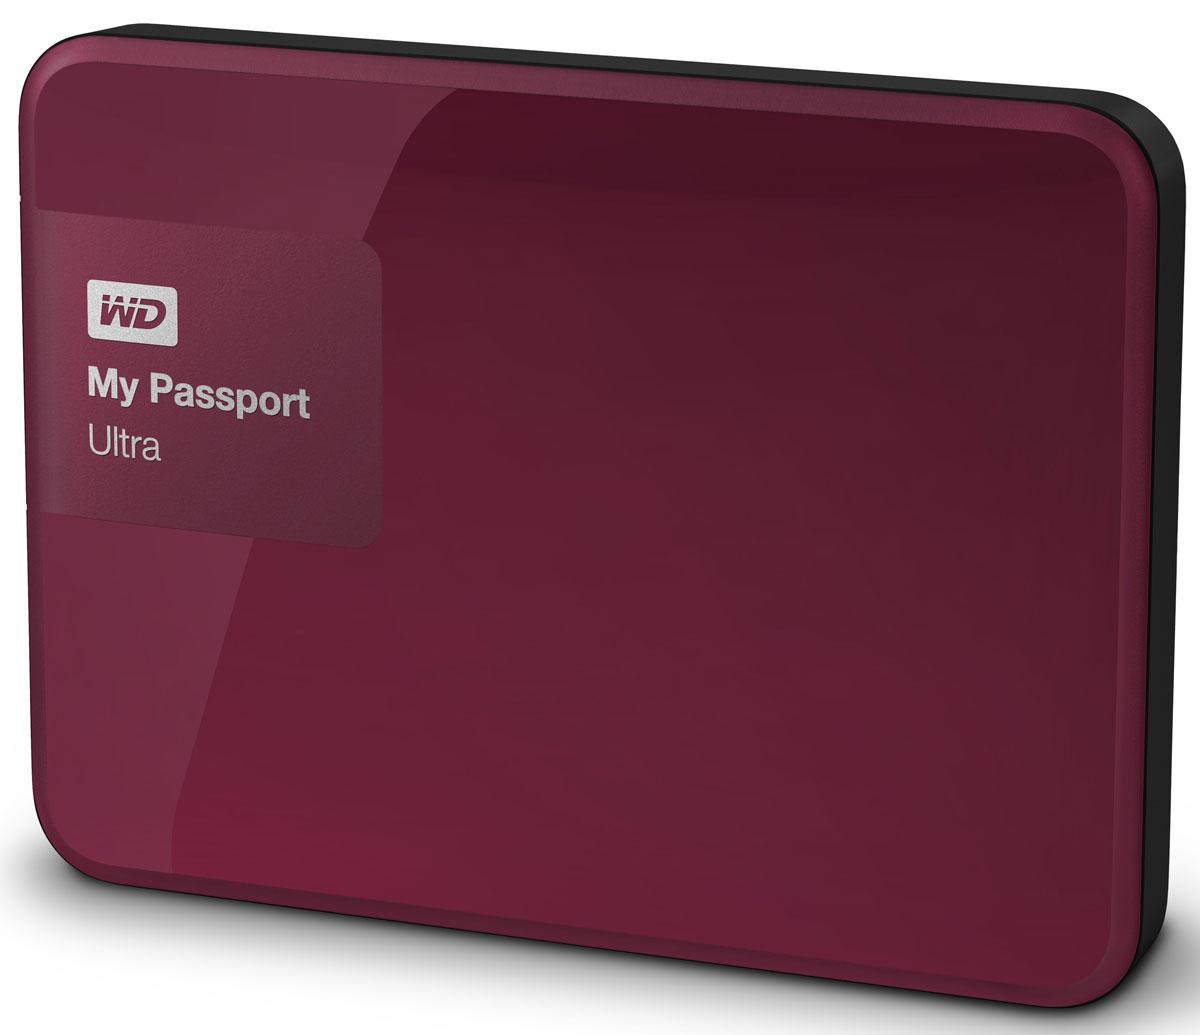 WD My Passport Ultra 1TB, Berry внешний жесткий диск (WDBDDE0010BBY-EEUE)WDBDDE0010BBY-EEUEWD My Passport Ultra New — это портативный накопитель большой емкости, которому вы можете доверить хранение своих личных файлов. Этот накопитель, в котором используются передовые разработки WD в области жестких дисков, комплектуется программой автоматического резервного копирования WD Backup. Многофункциональная программа резервного копирования WD Backup — это одна из самых многофункциональных программ резервного копирования. Она еще понятнее и проще в работе, чем другие, и к тому же использует еще меньше ресурсов компьютера. С ее помощью вы можете сами задать оптимальный график автоматического резервного копирования своих файлов. Если вам требуется дополнительный уровень защиты, то в программе WD Backup можно настроить резервное копирование файлов в облачную службу Dropbox. Для облачного резервного копирования требуется подключение к Интернету и учетная запись Dropbox. Облачные службы могут быть доступны не во всех странах, а также могут быть изменены, прекращены...